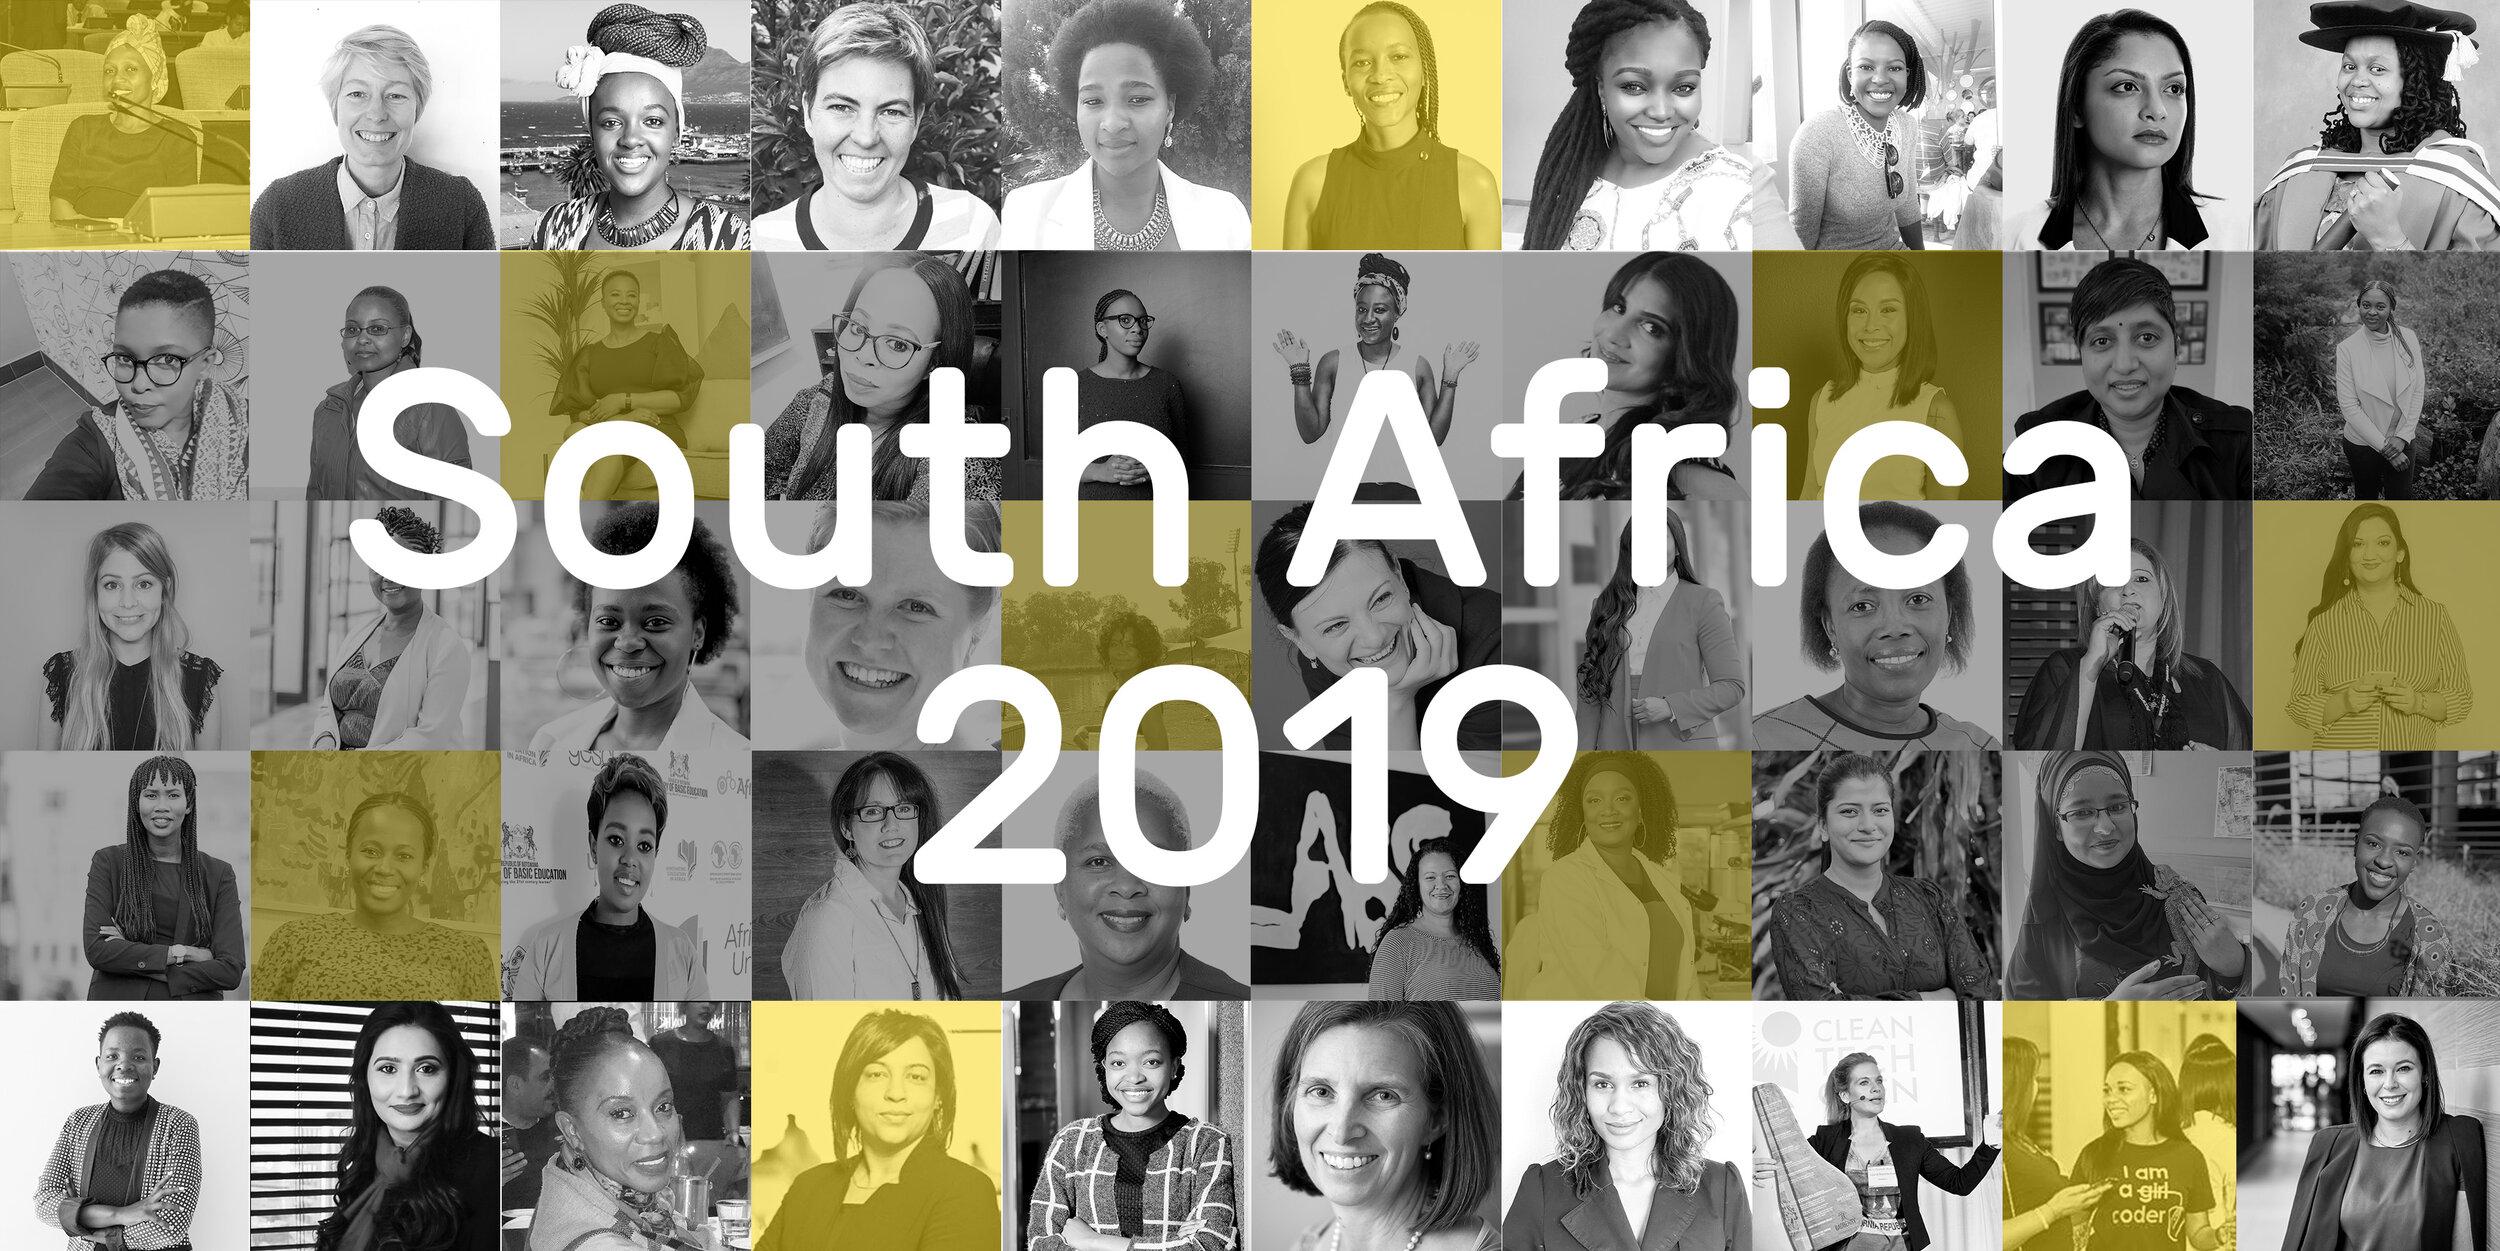 South Africa 2019 + tekst + jaar.jpg